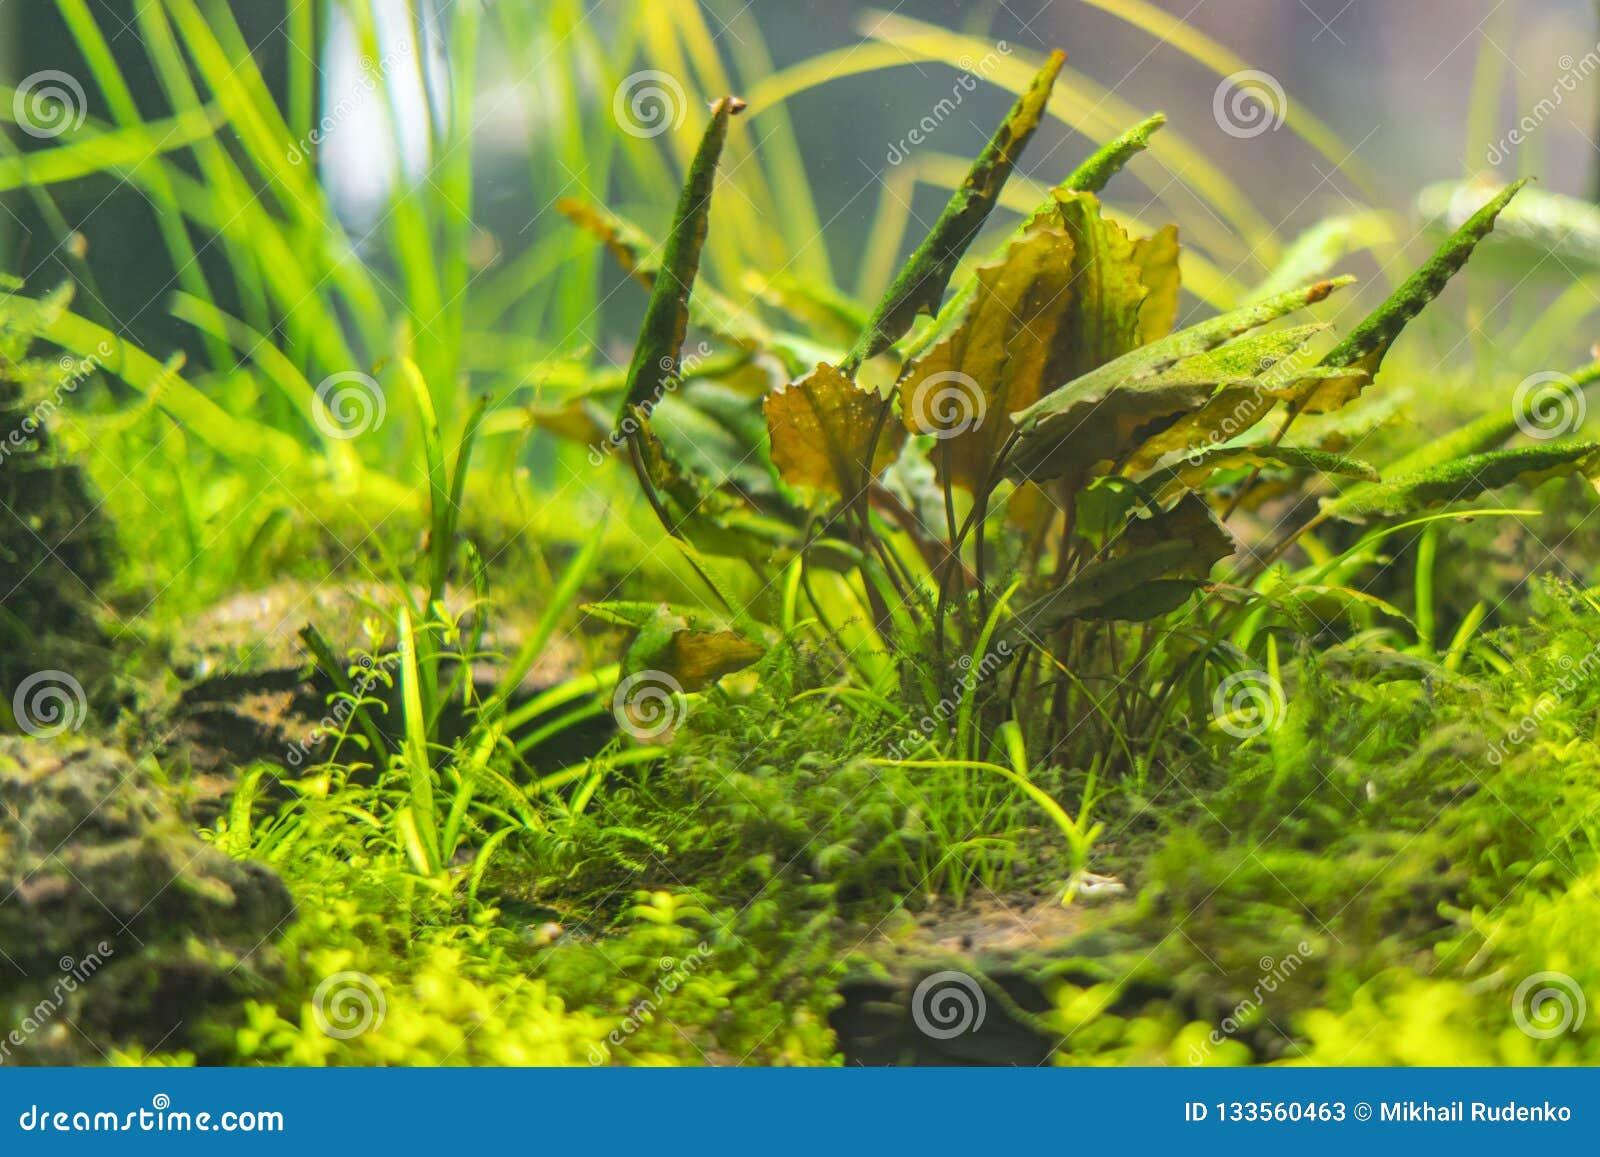 水下的世界水生海杂草野生生物生态系f